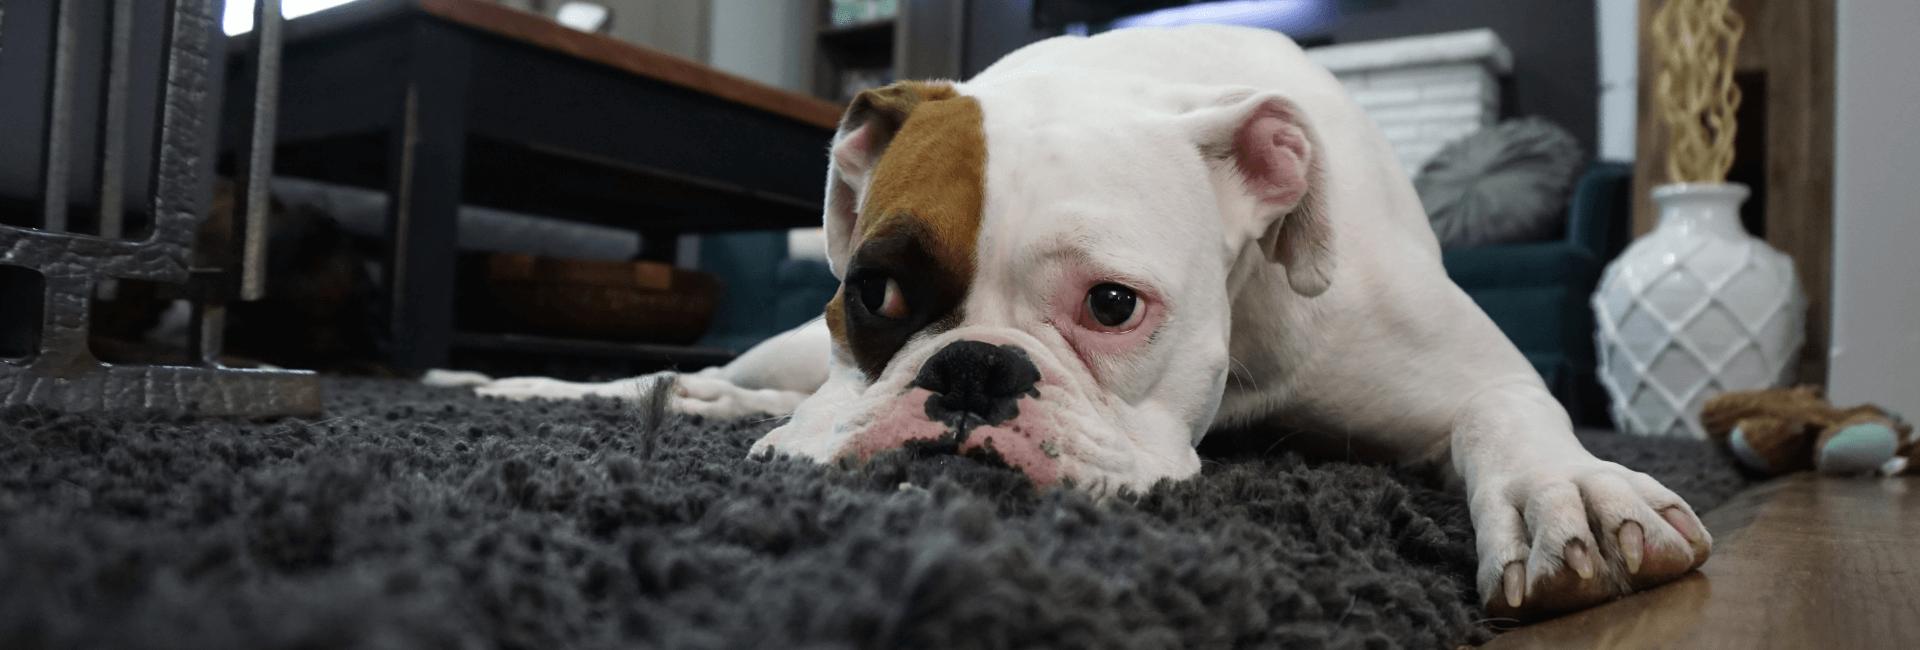 Perro triste con sindrome postvacacional